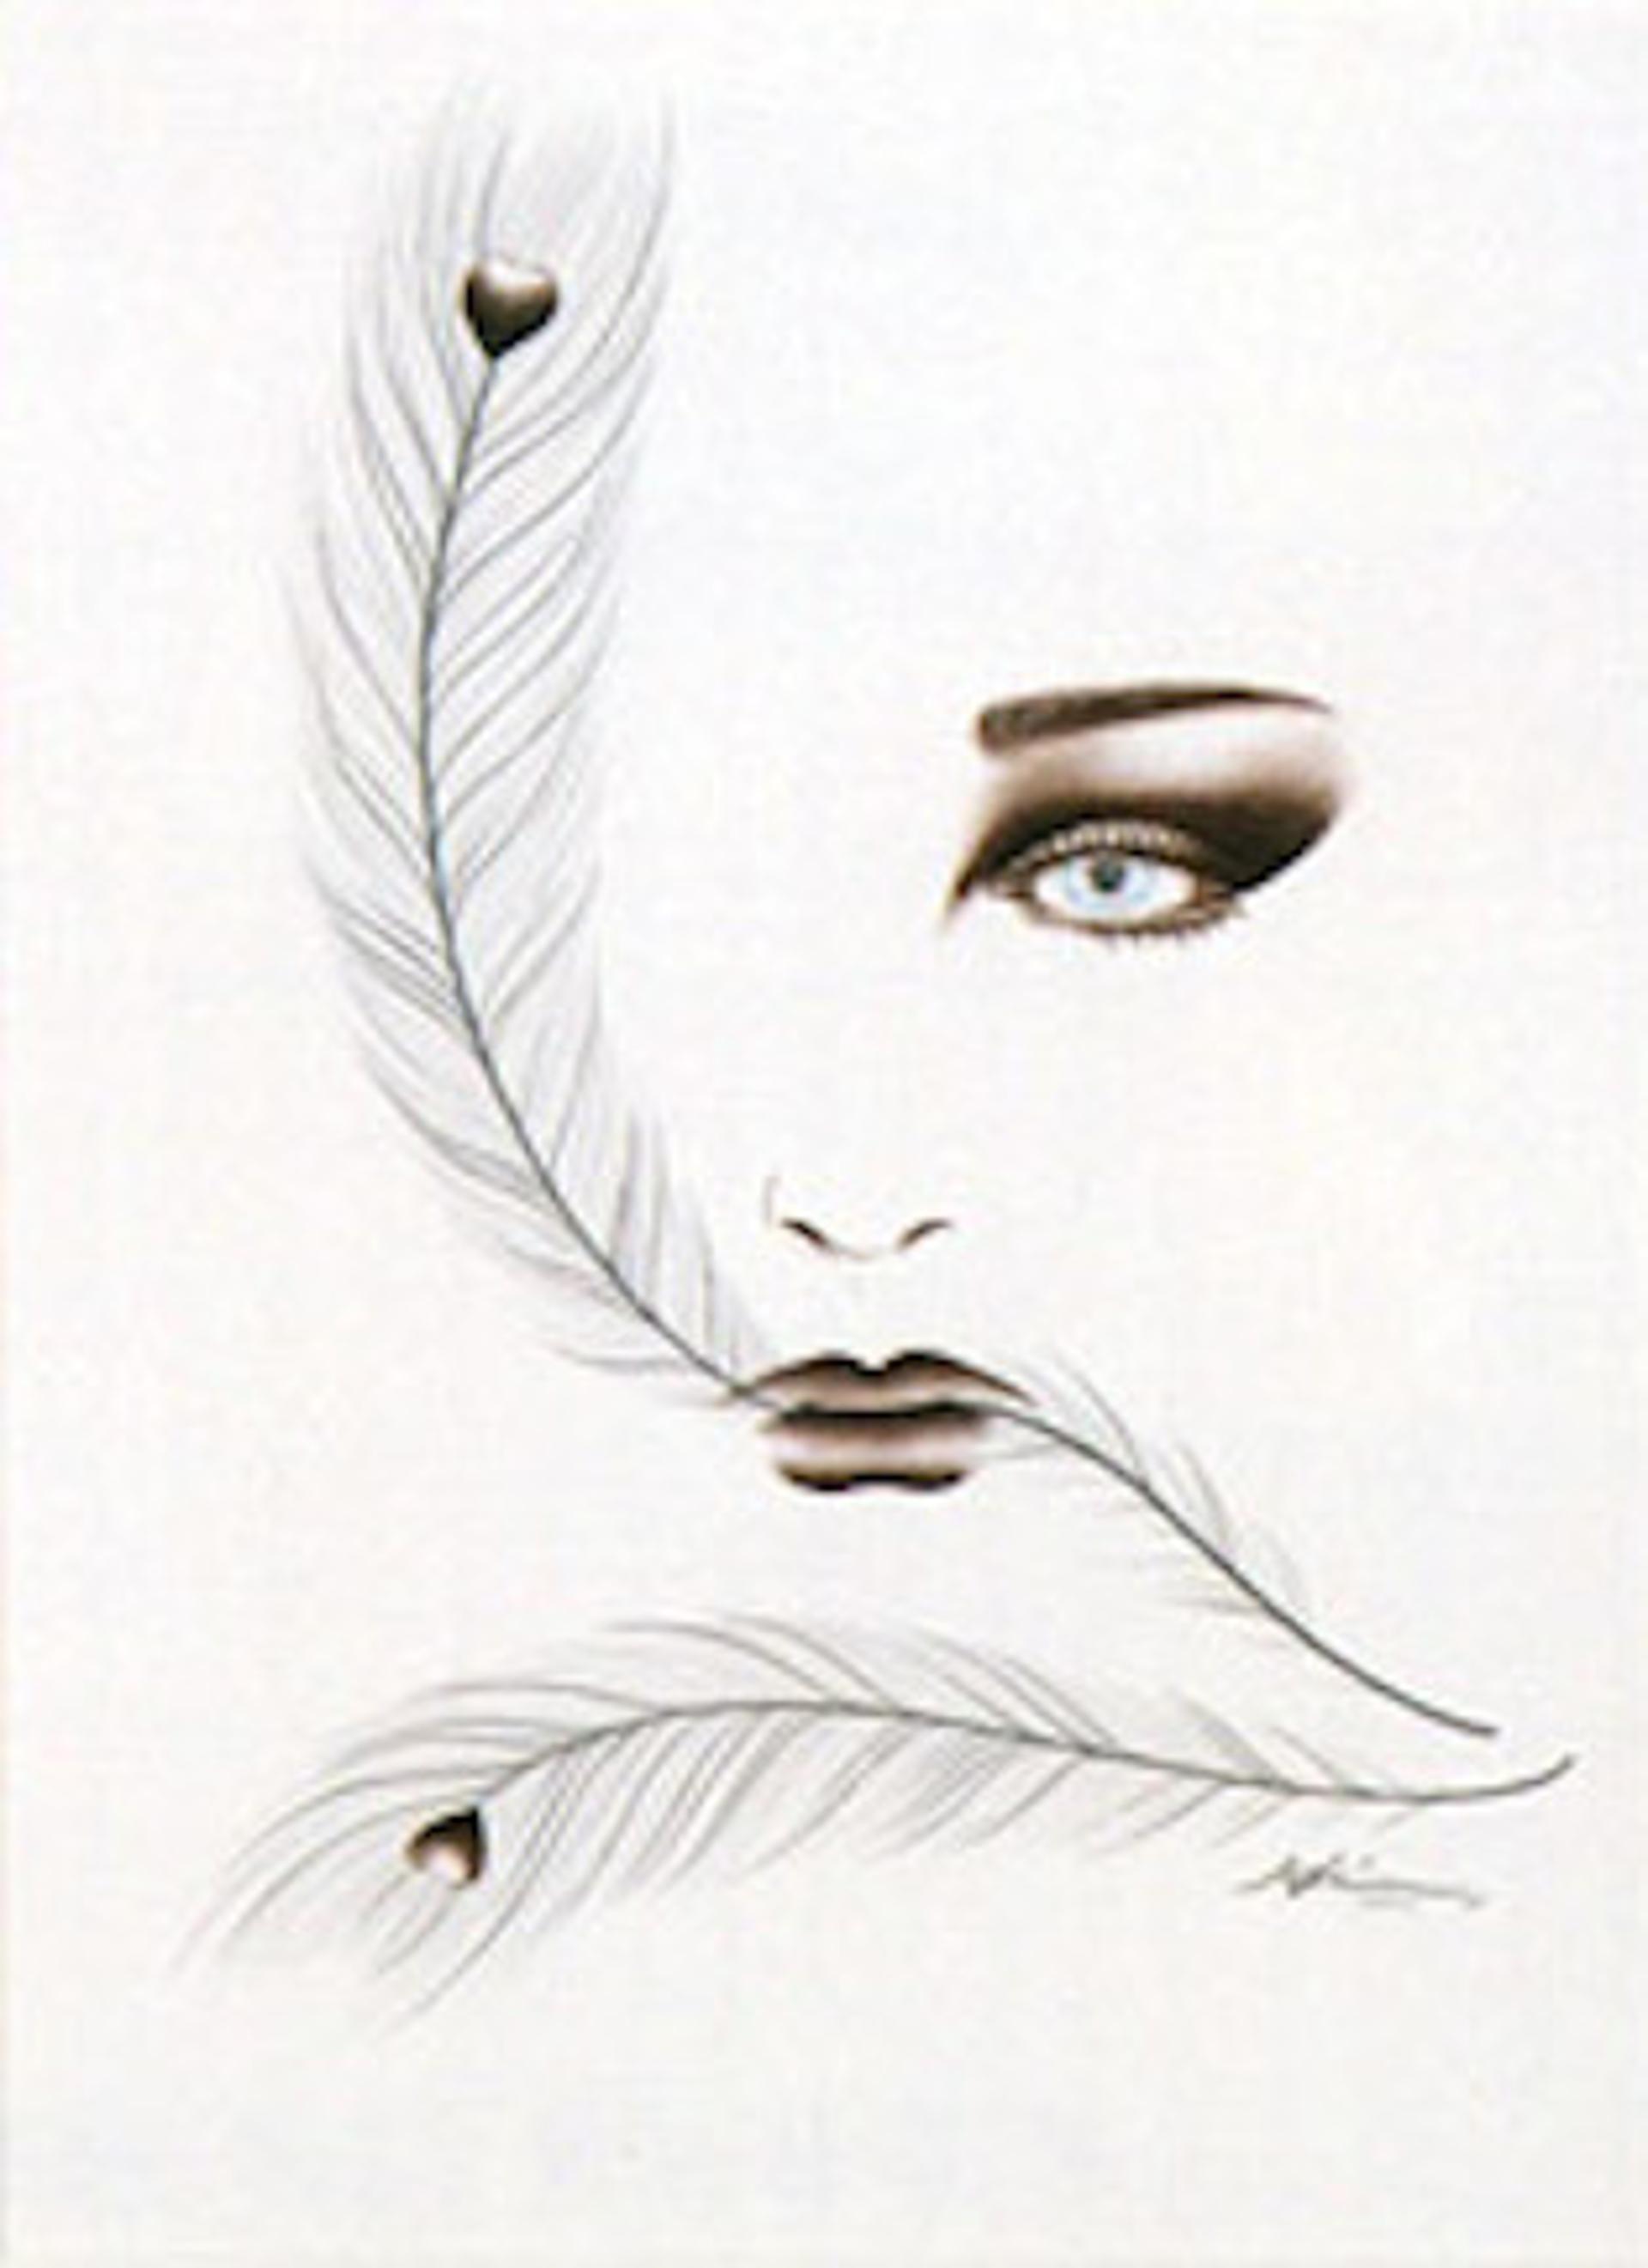 Eyes Of Otsuka by Hisashi Otsuka